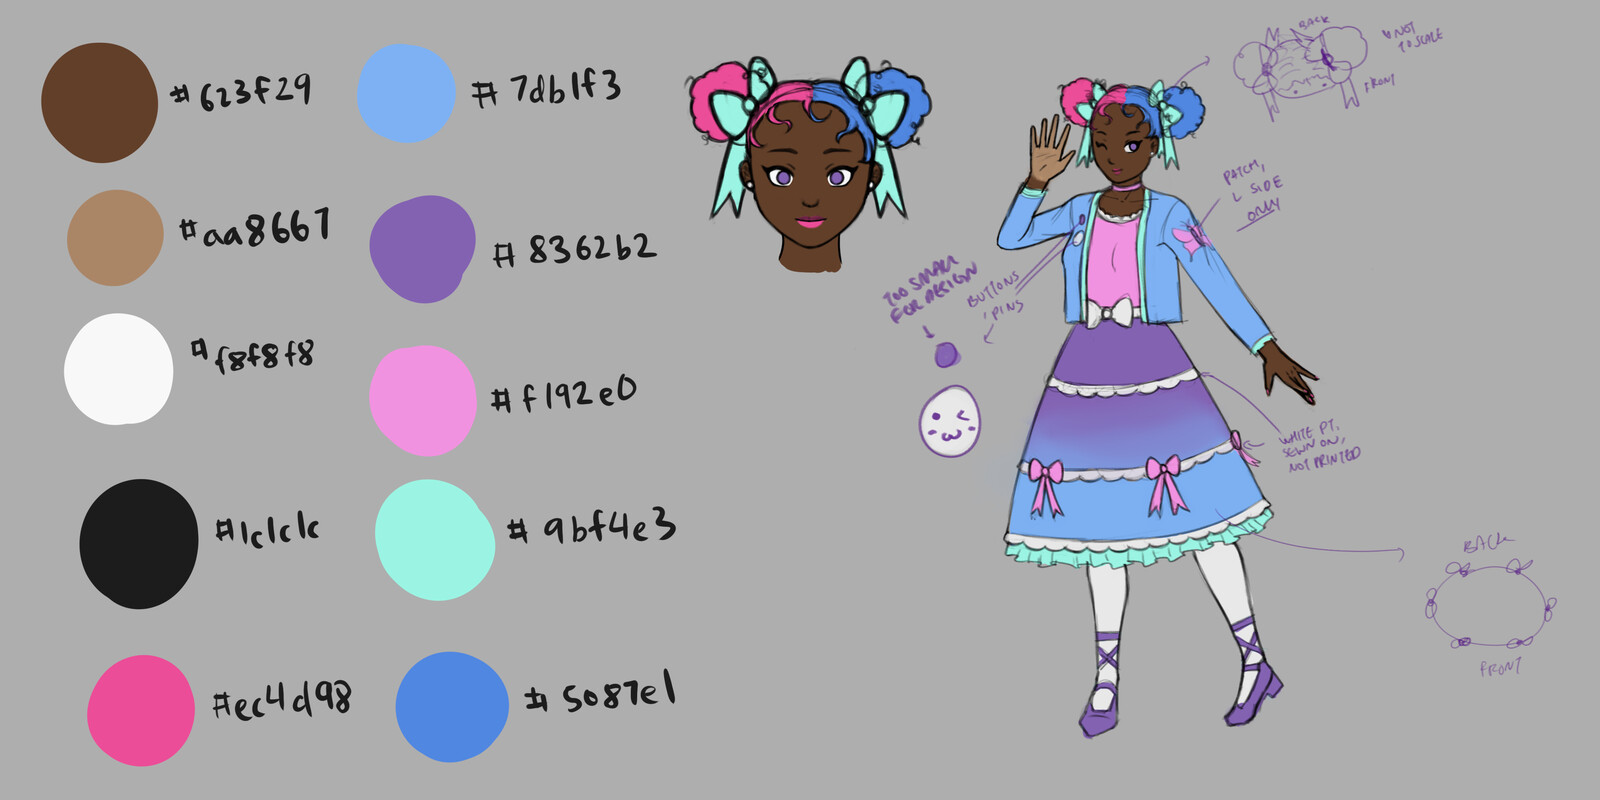 Final design character sheet